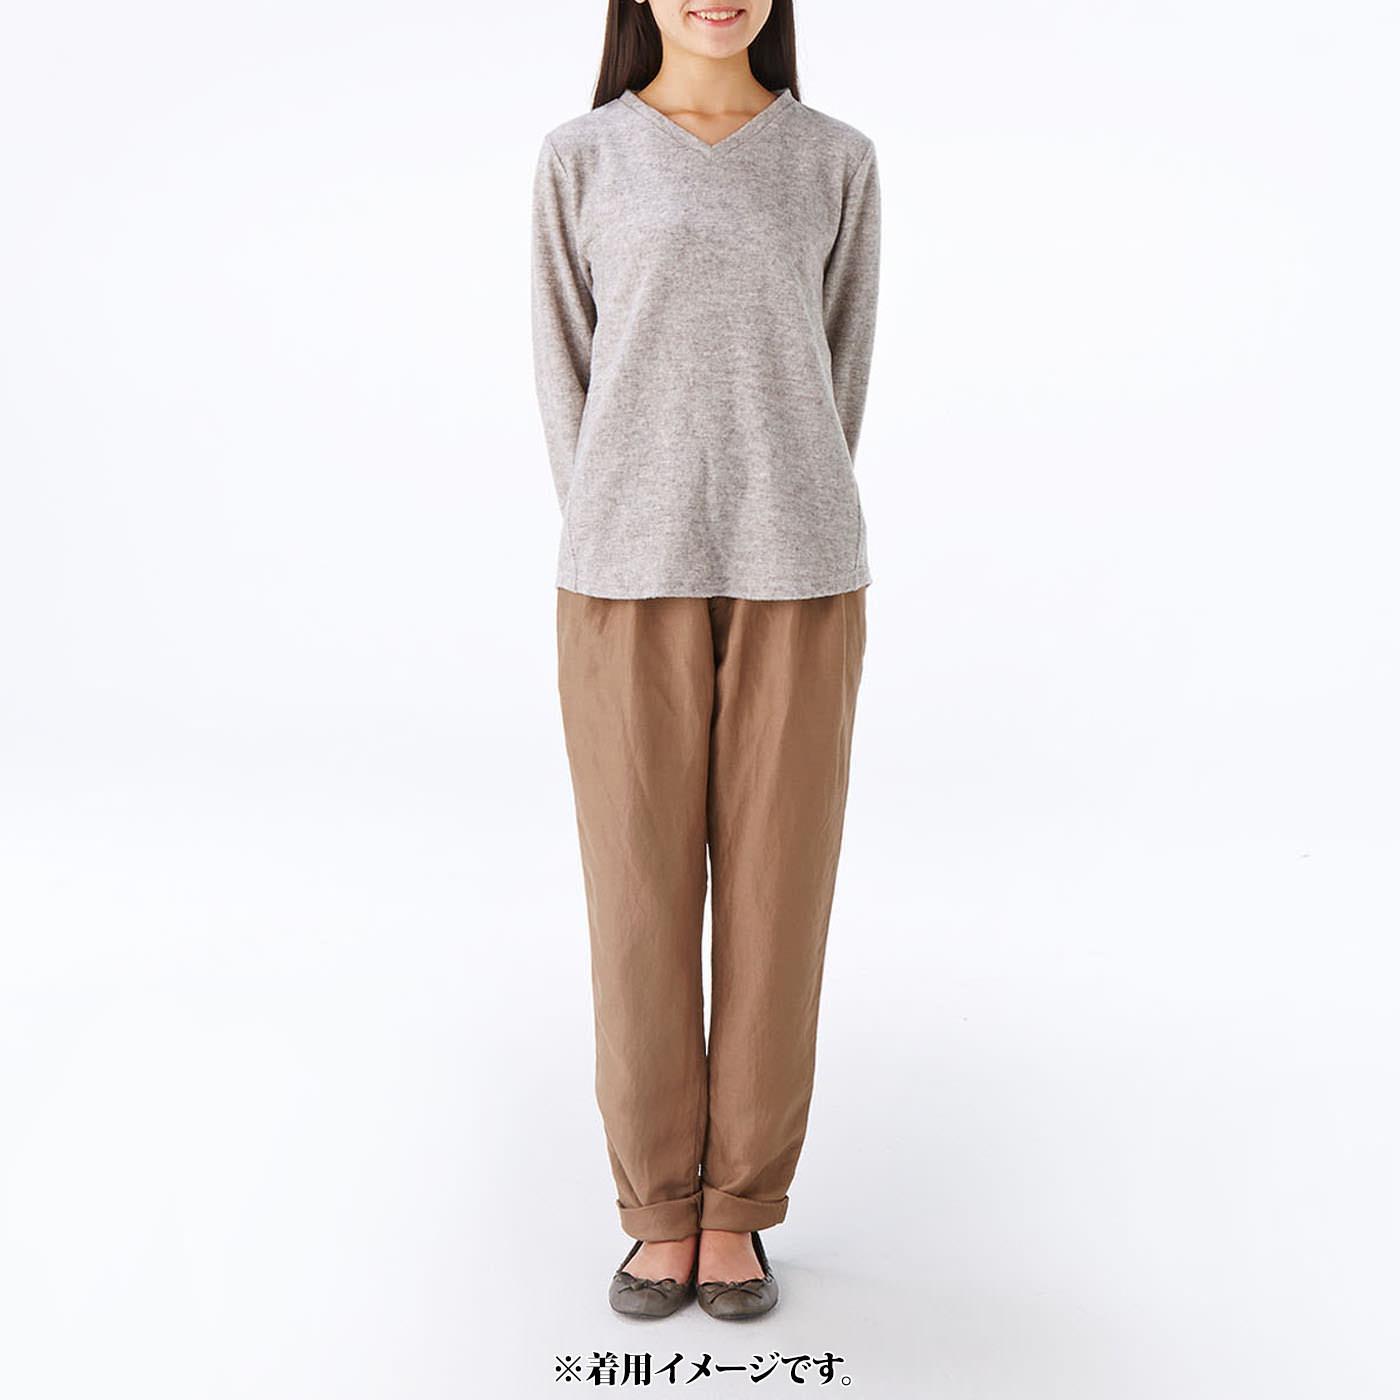 モデル身長約165cm 着用サイズM Vネックトップスは華奢(きゃしゃ)見えするネックラインですっきりと。